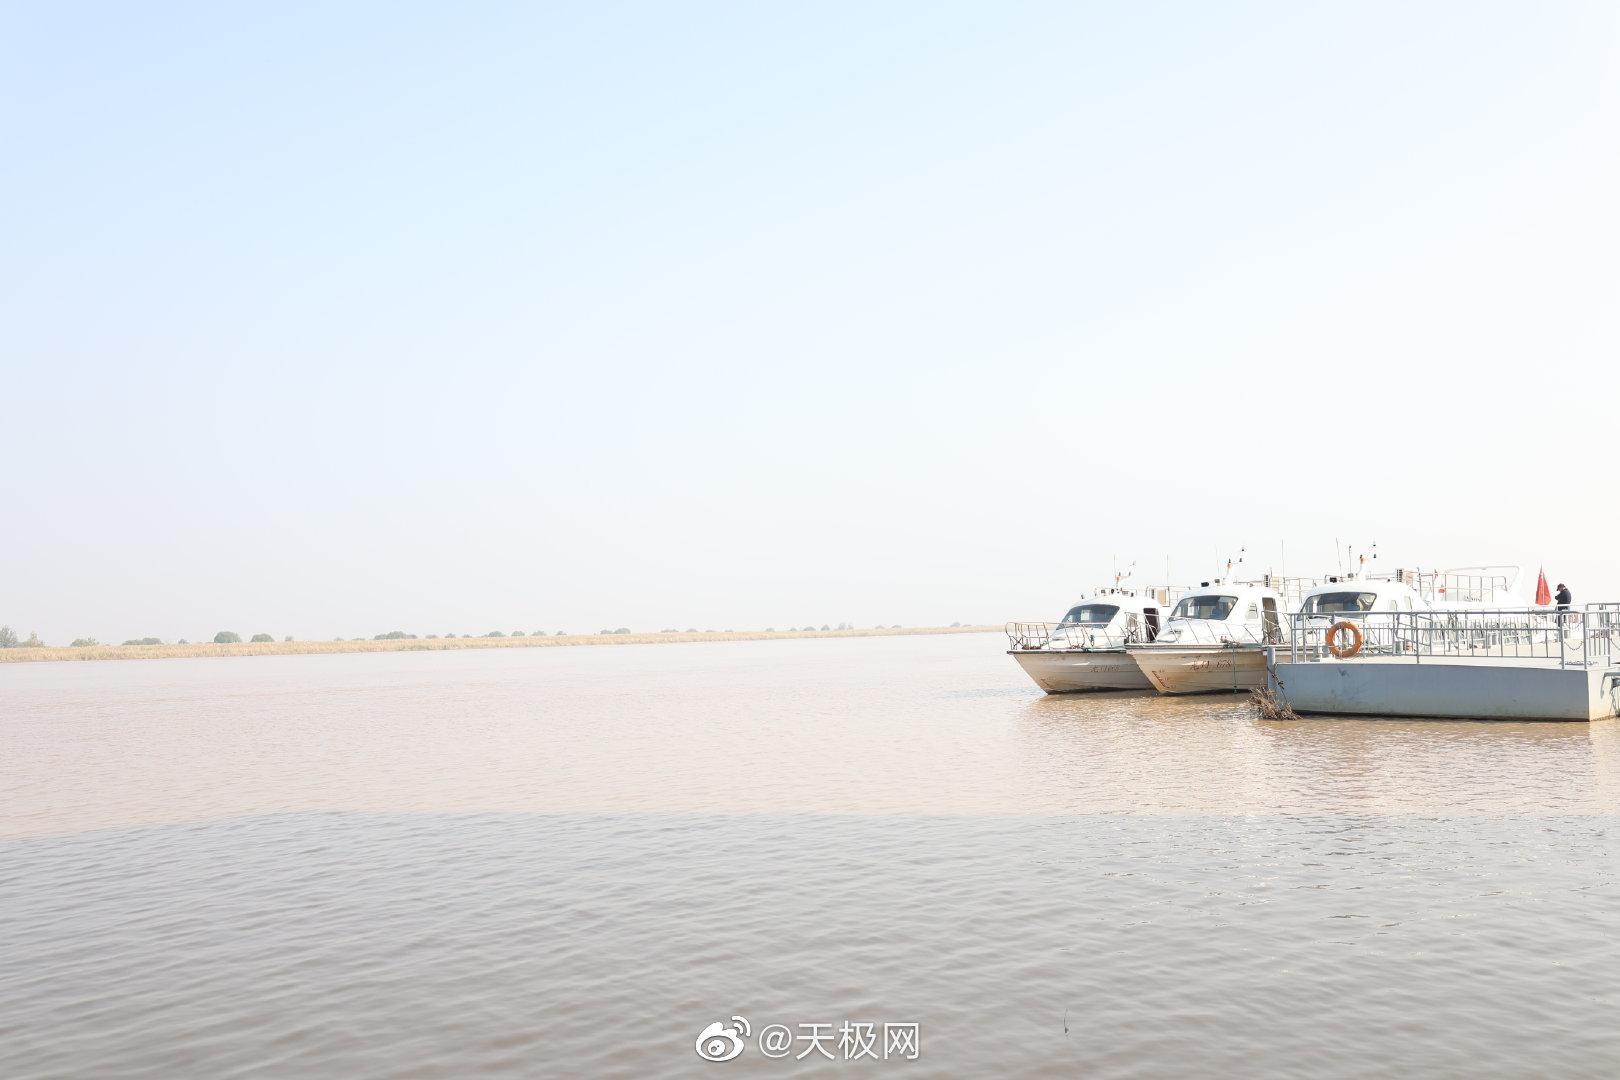 来到山东东营,就一定不能错过黄河入海口生态湿地公园